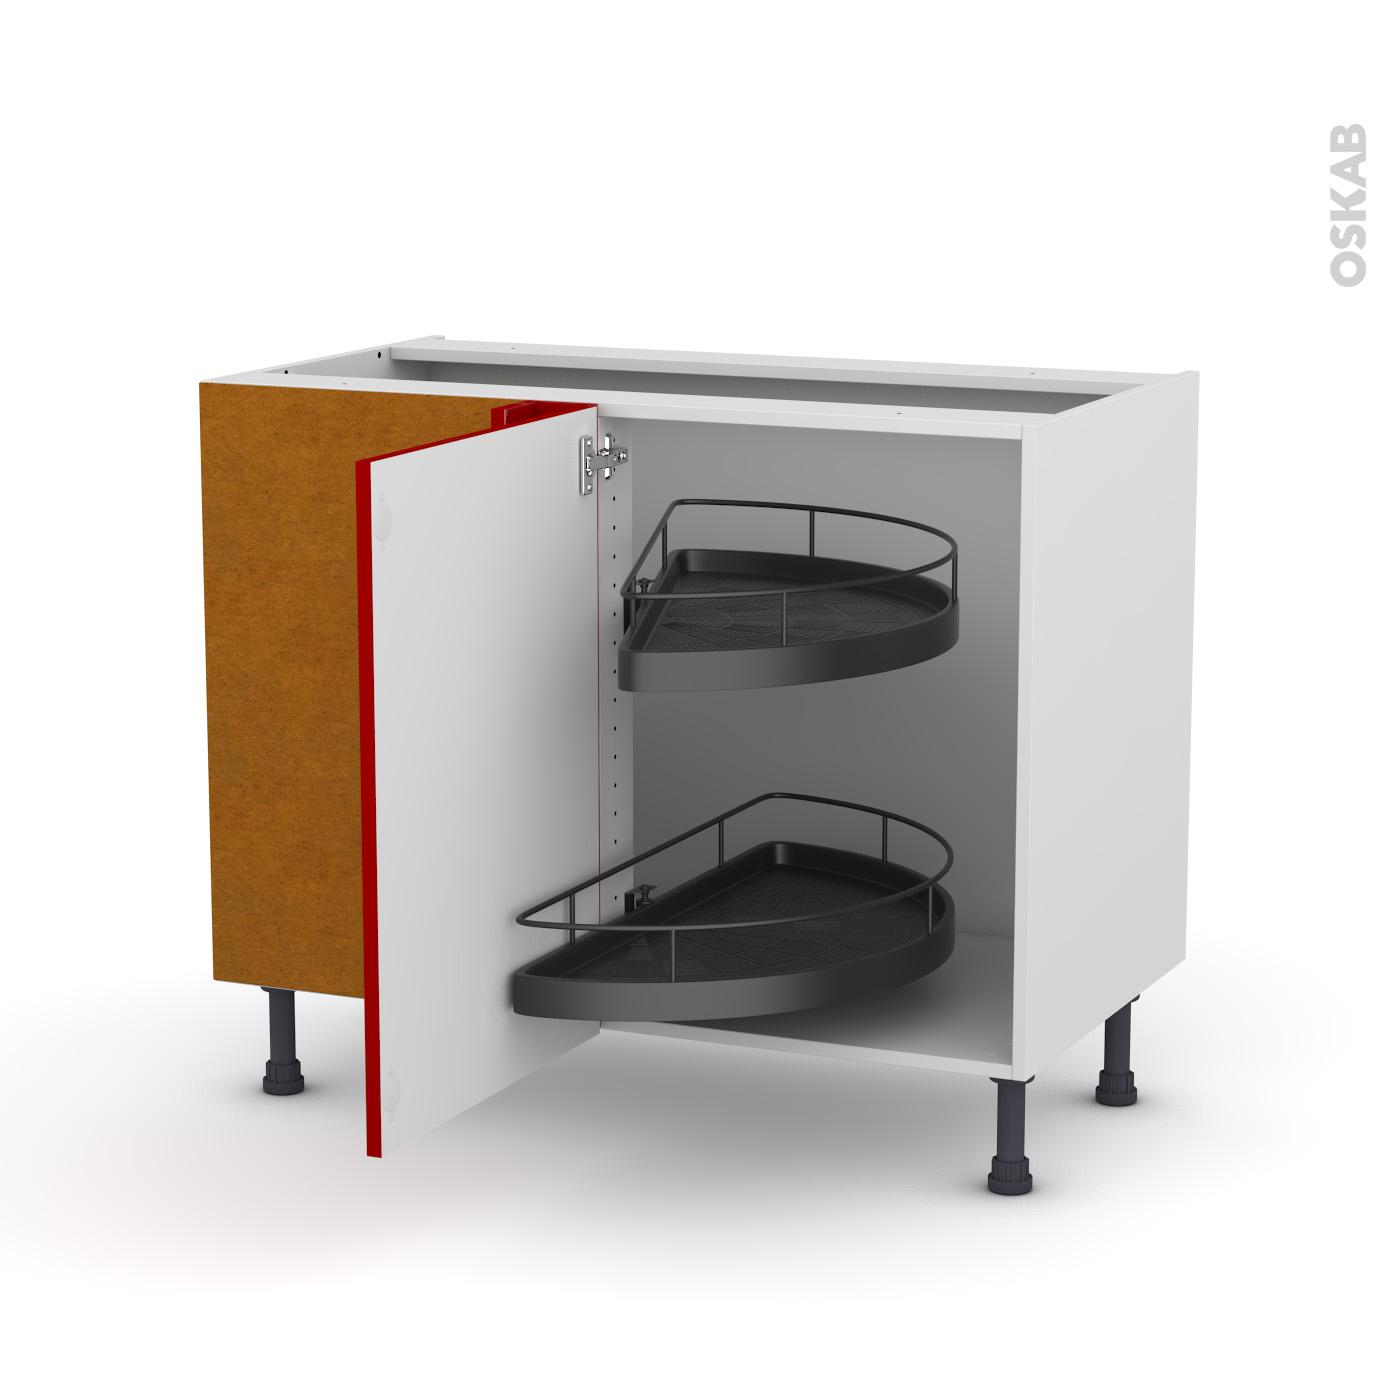 Meuble Bas Angle Ikea With Meuble Bas Angle Ikea Elegant Dco